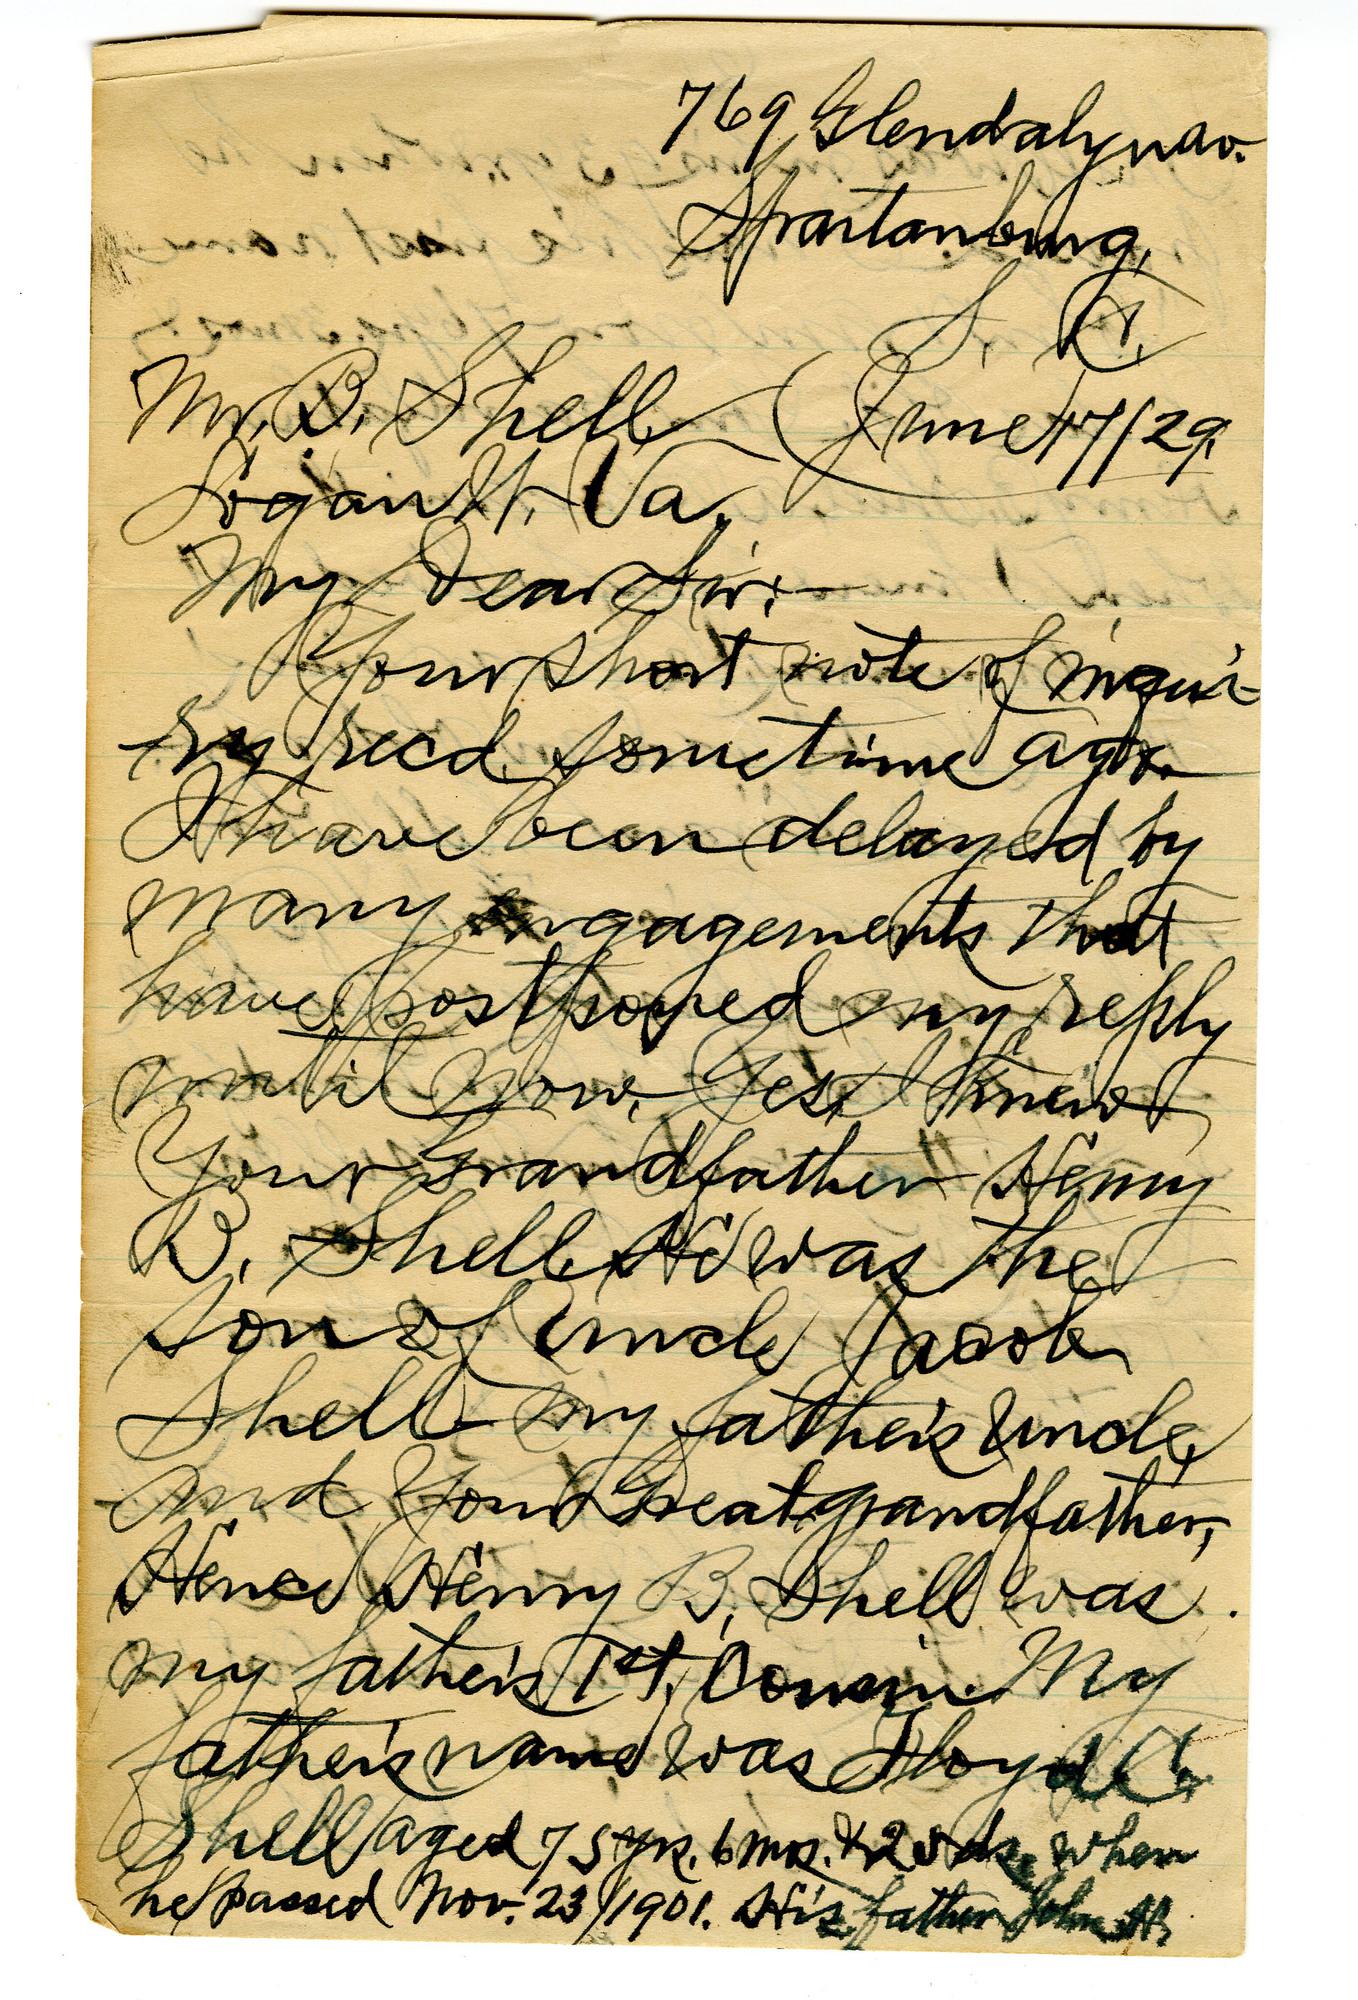 Ms1959_001_Letter_Jun17_1929_p1.jpg